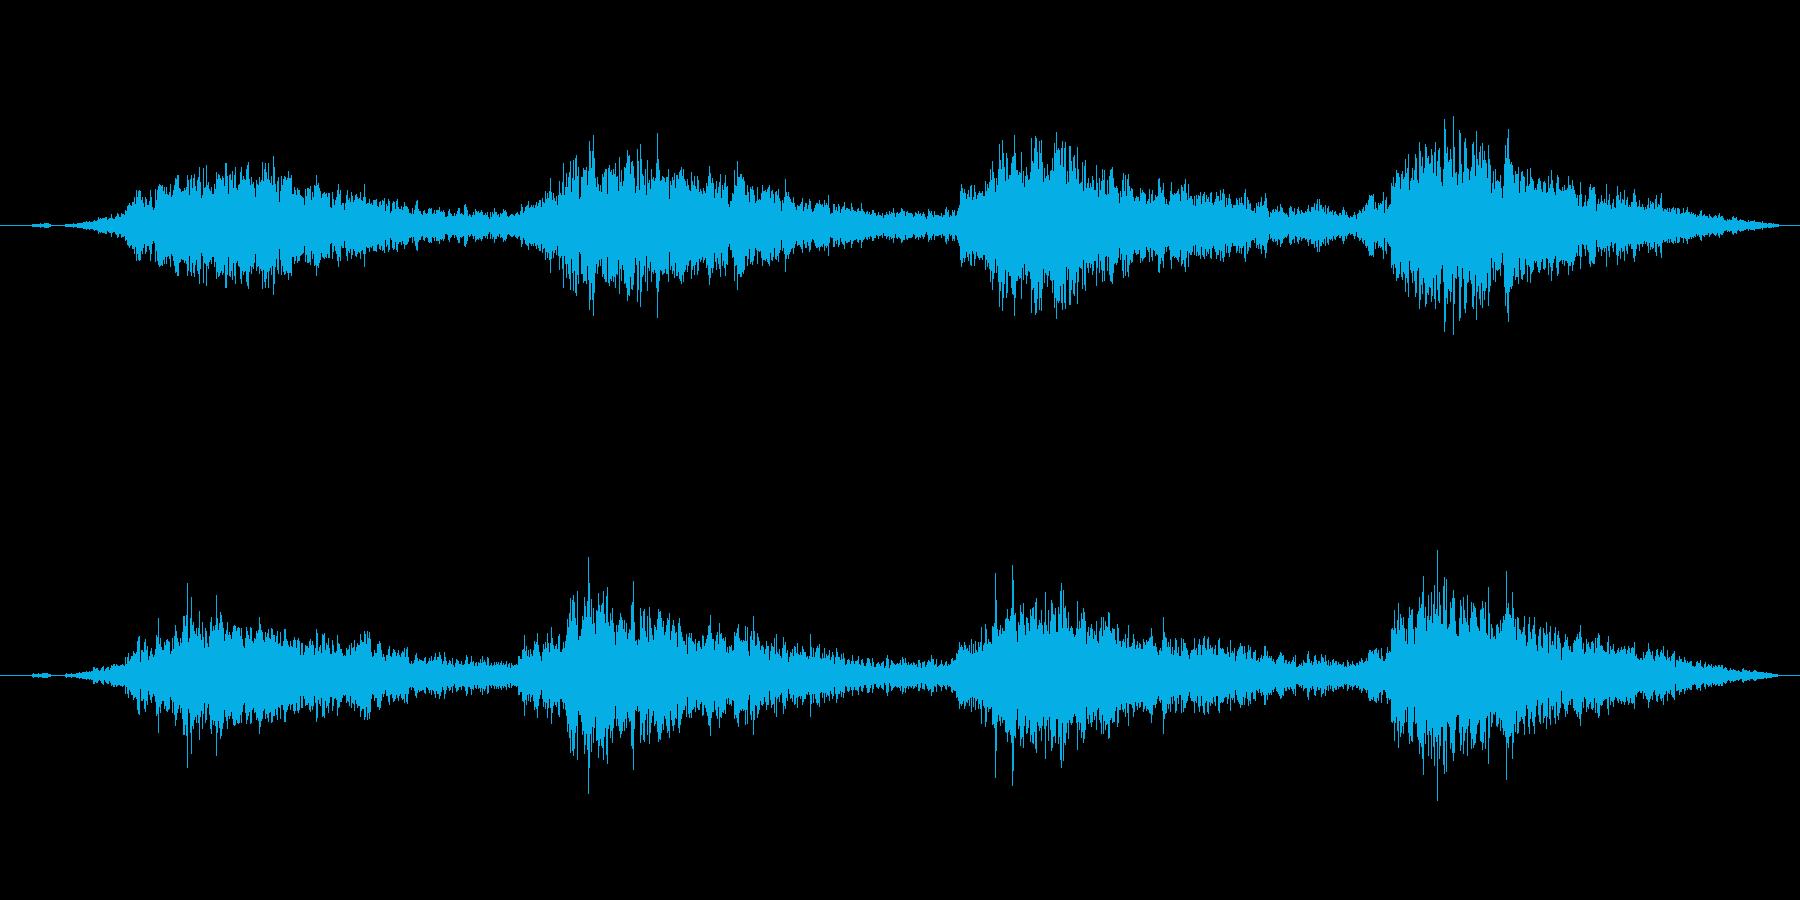 クリスマスのベル、鈴に最適な効果音です1の再生済みの波形